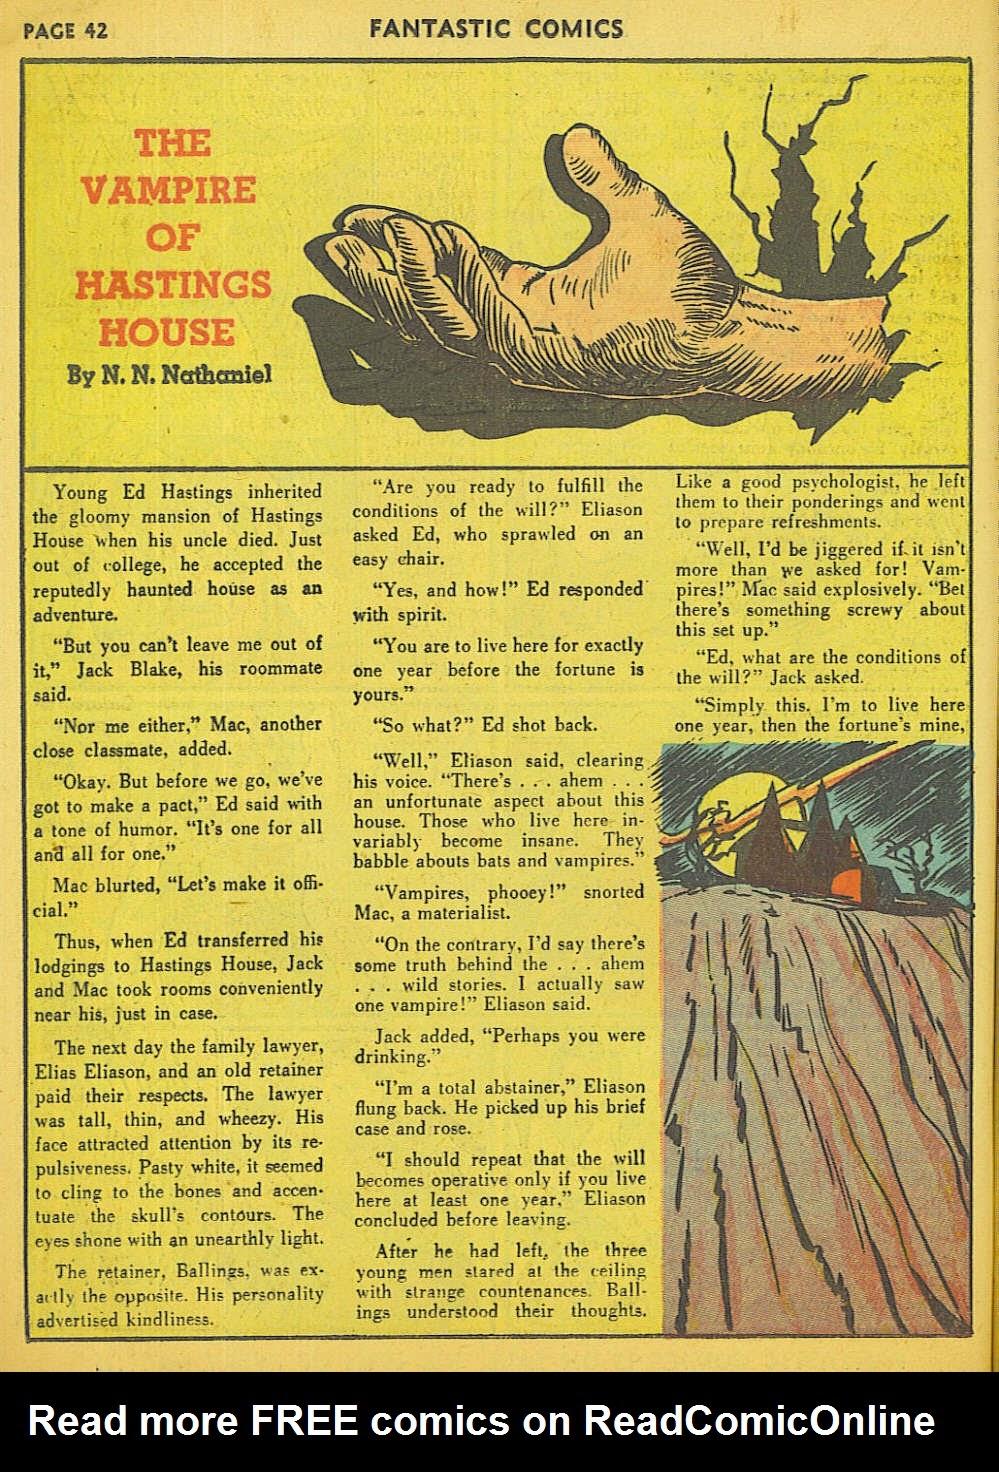 Read online Fantastic Comics comic -  Issue #15 - 36